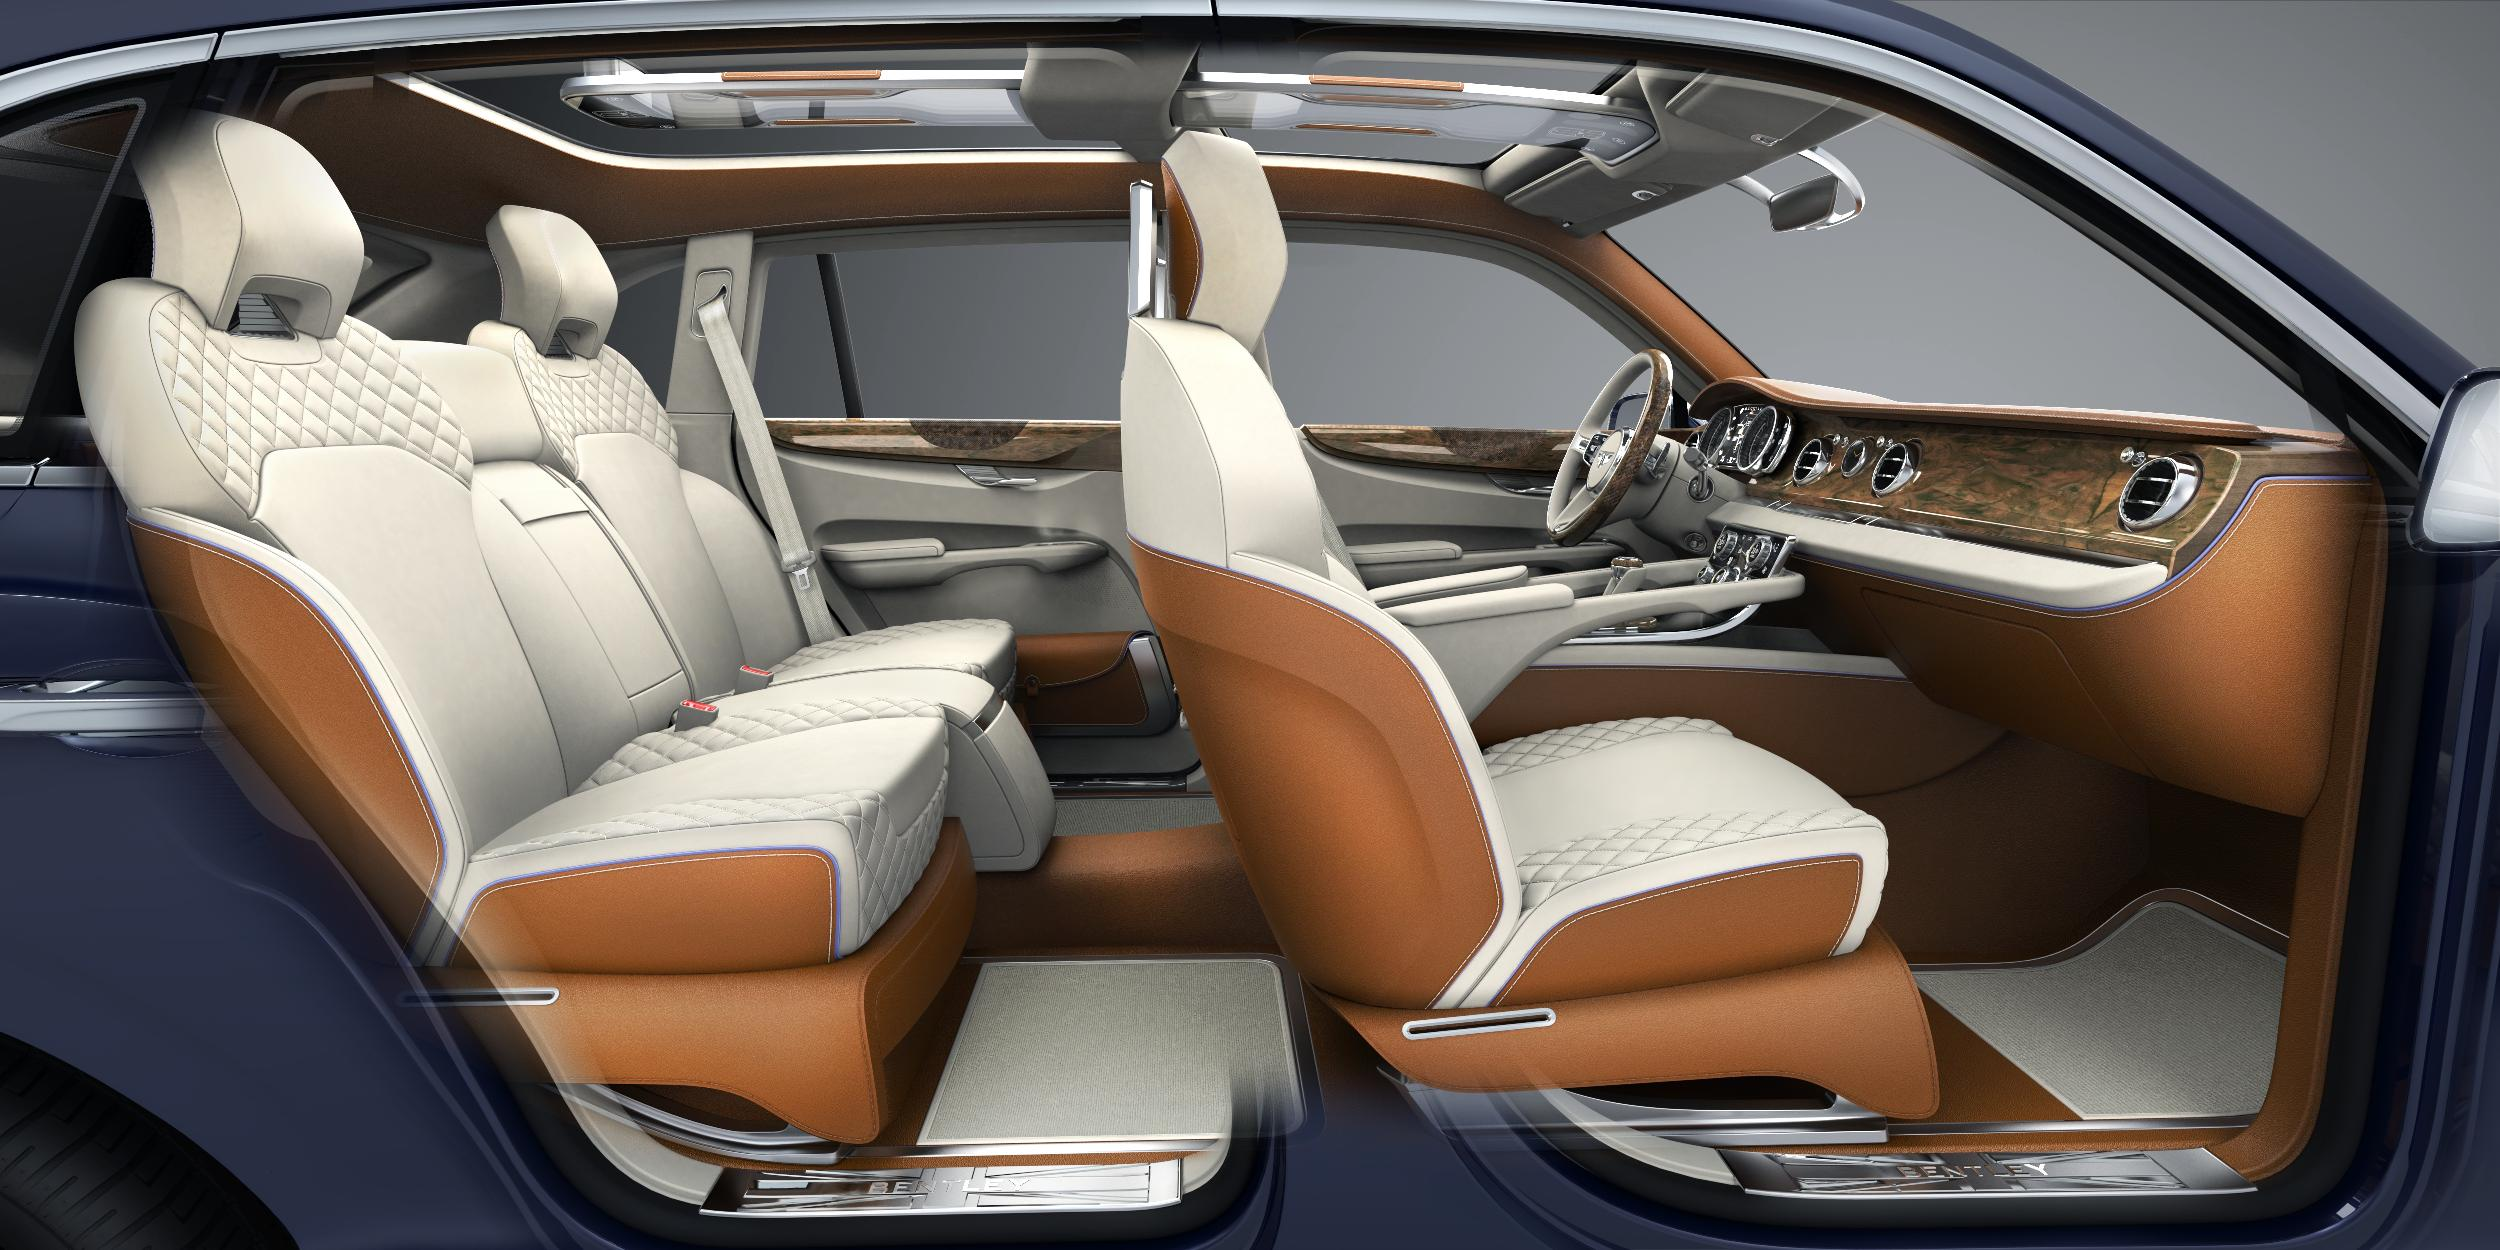 Bentley EXP 9 F Seats